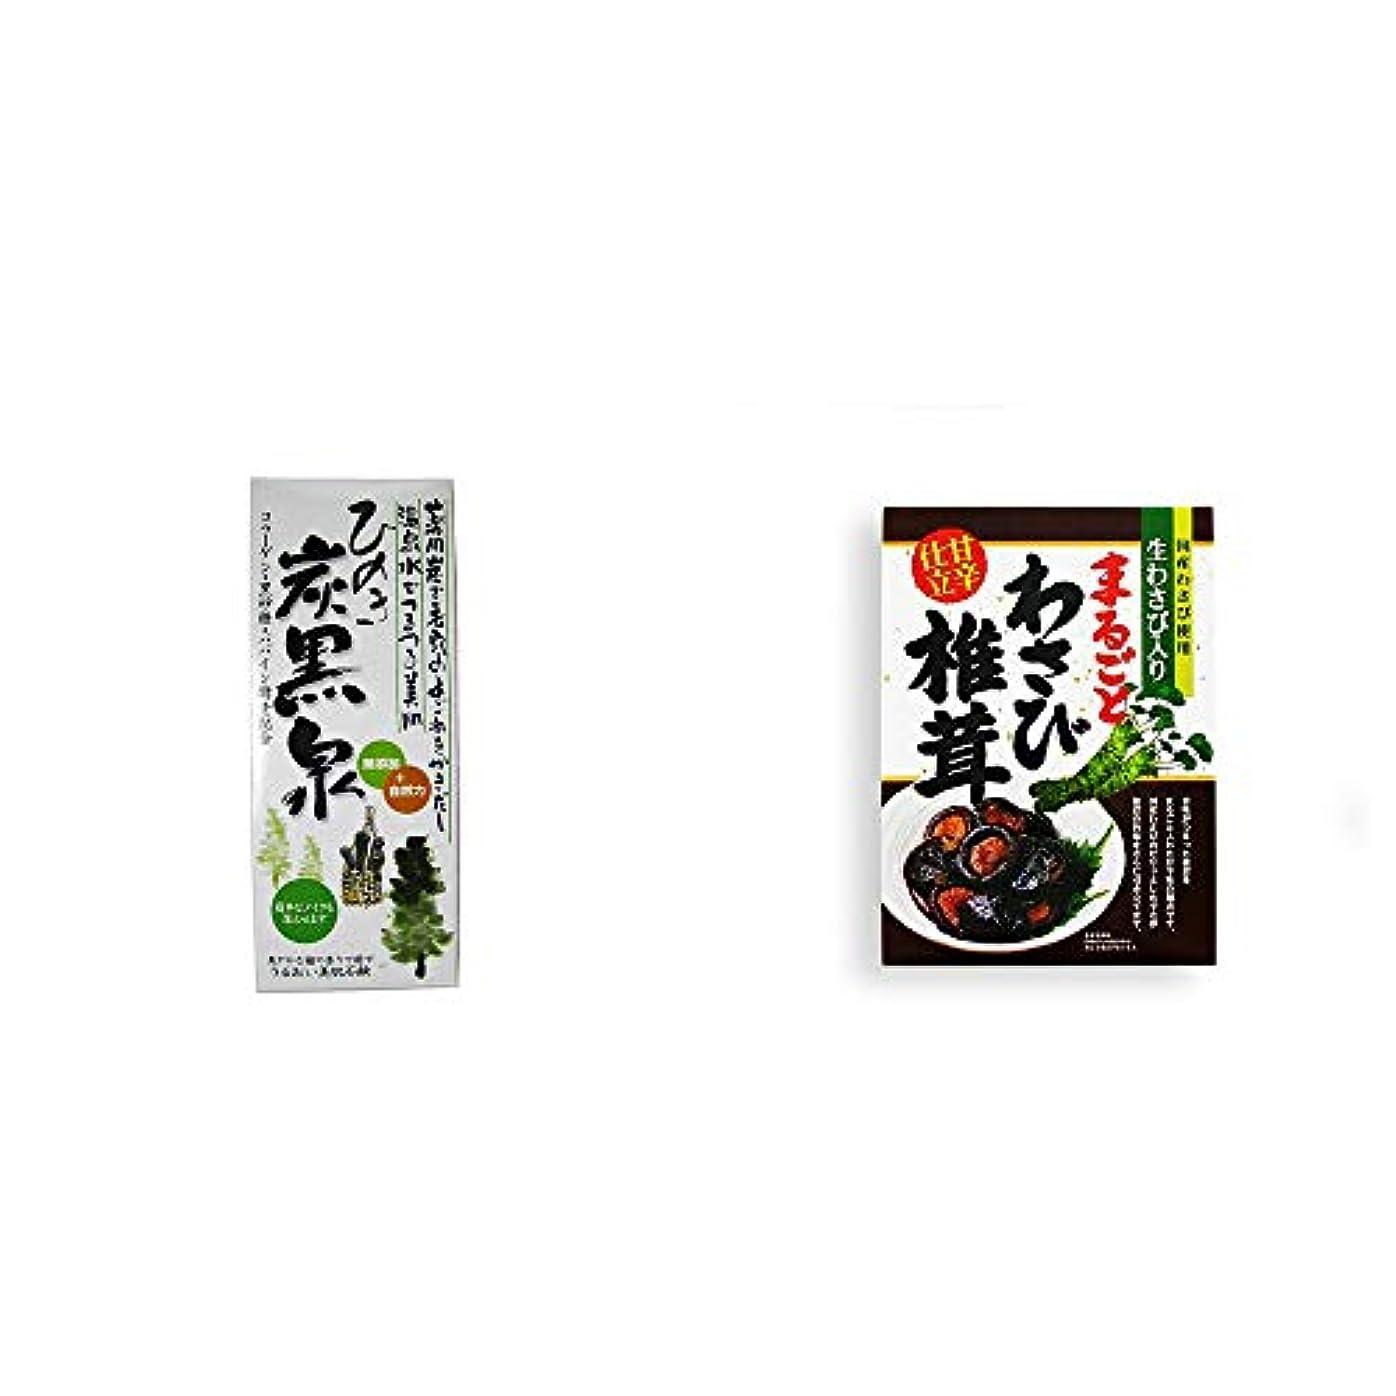 サラミイノセンスこどもの日[2点セット] ひのき炭黒泉 箱入り(75g×3)?まるごとわさび椎茸(200g)